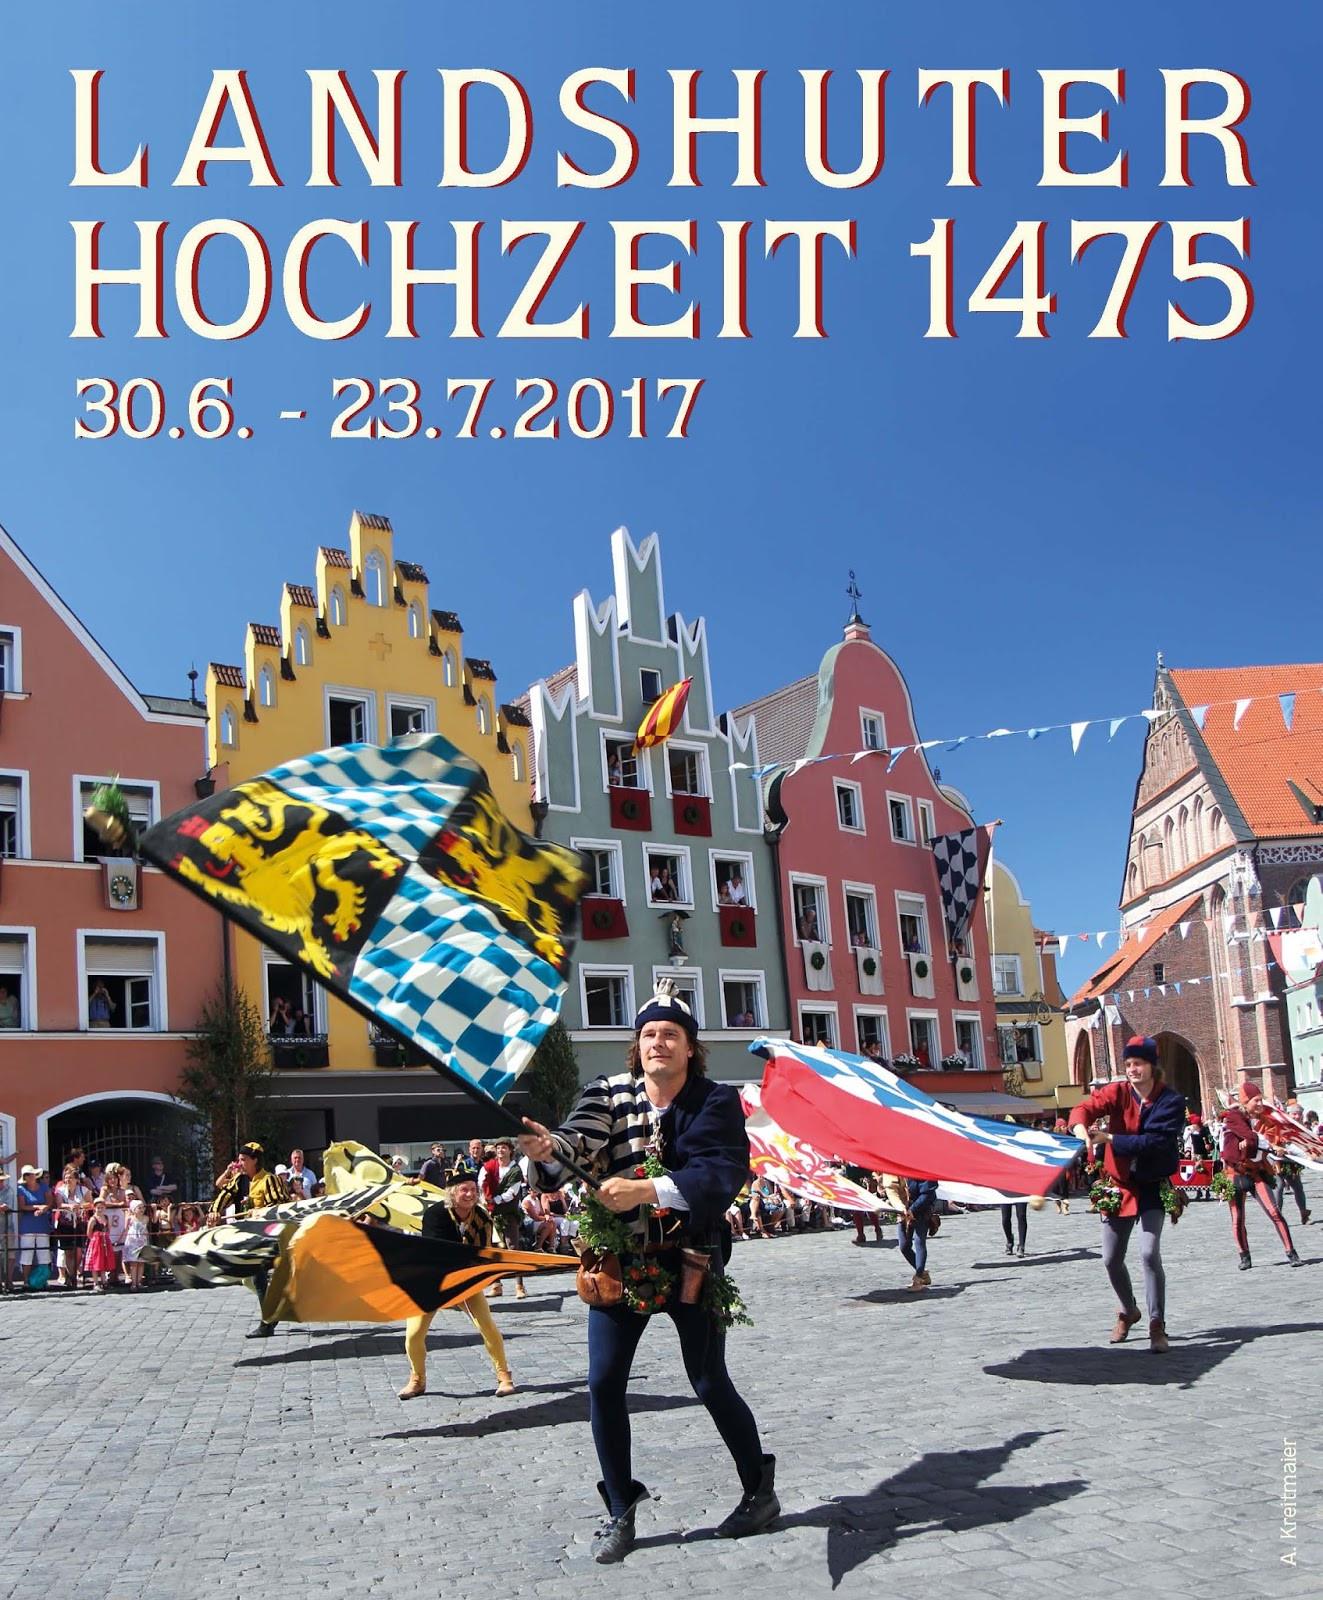 Landshuter Hochzeit Kartenvorverkauf  Landshut 365 das Stadtmagazin